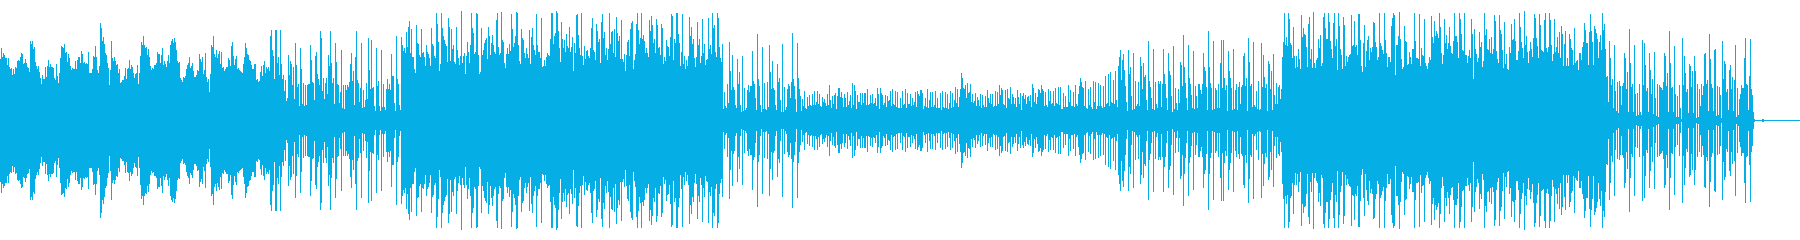 Lofi Beats 123の再生済みの波形